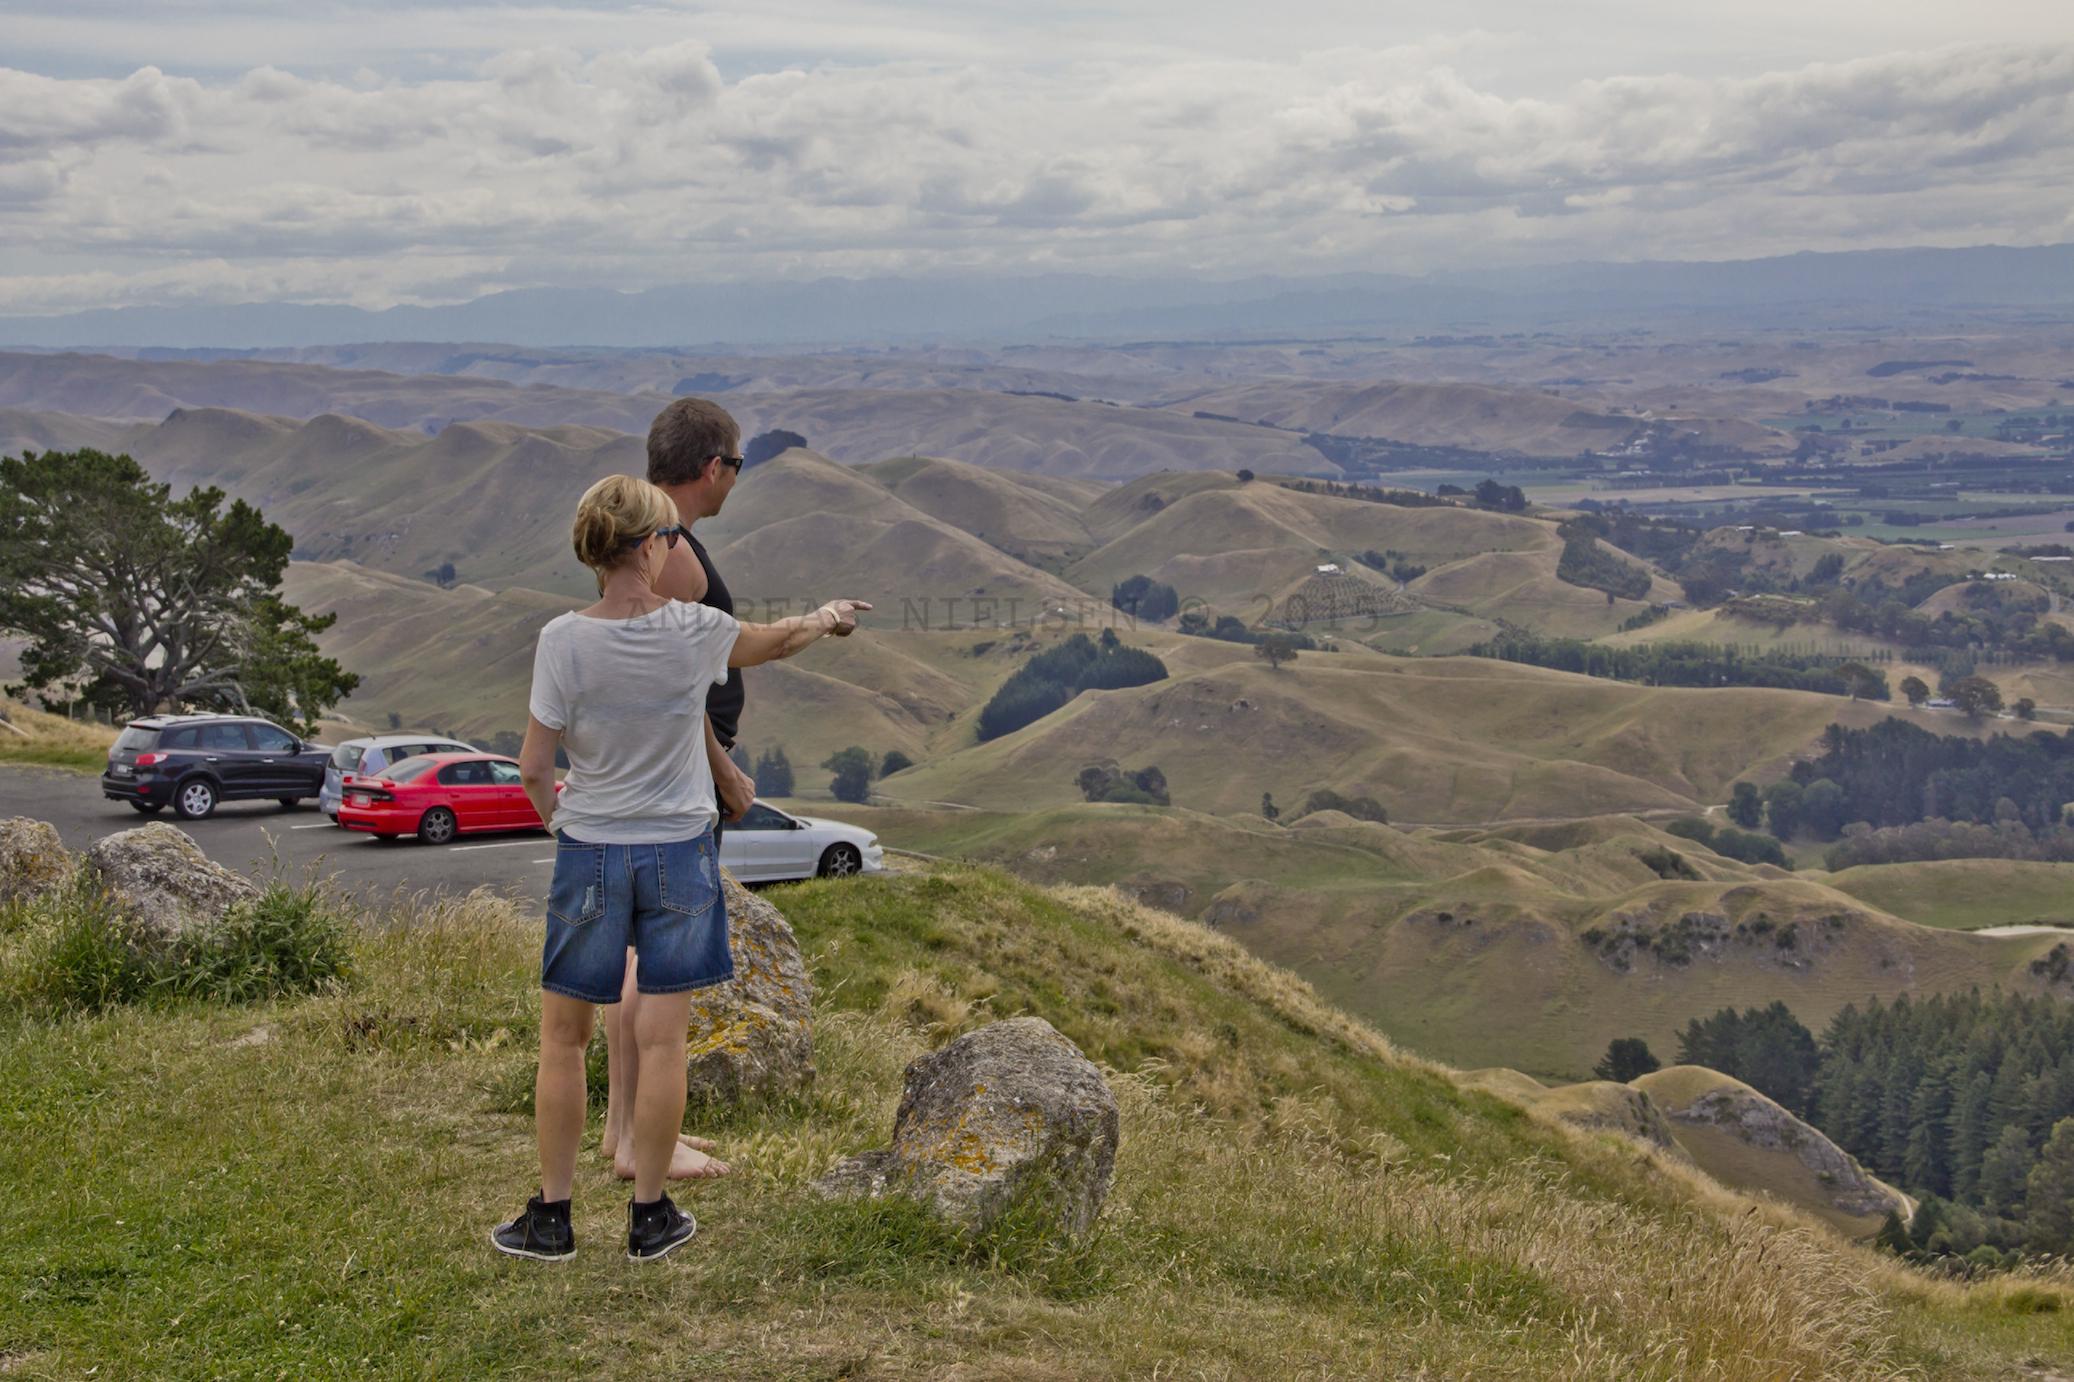 Besøgende kigger ud i landskabet.